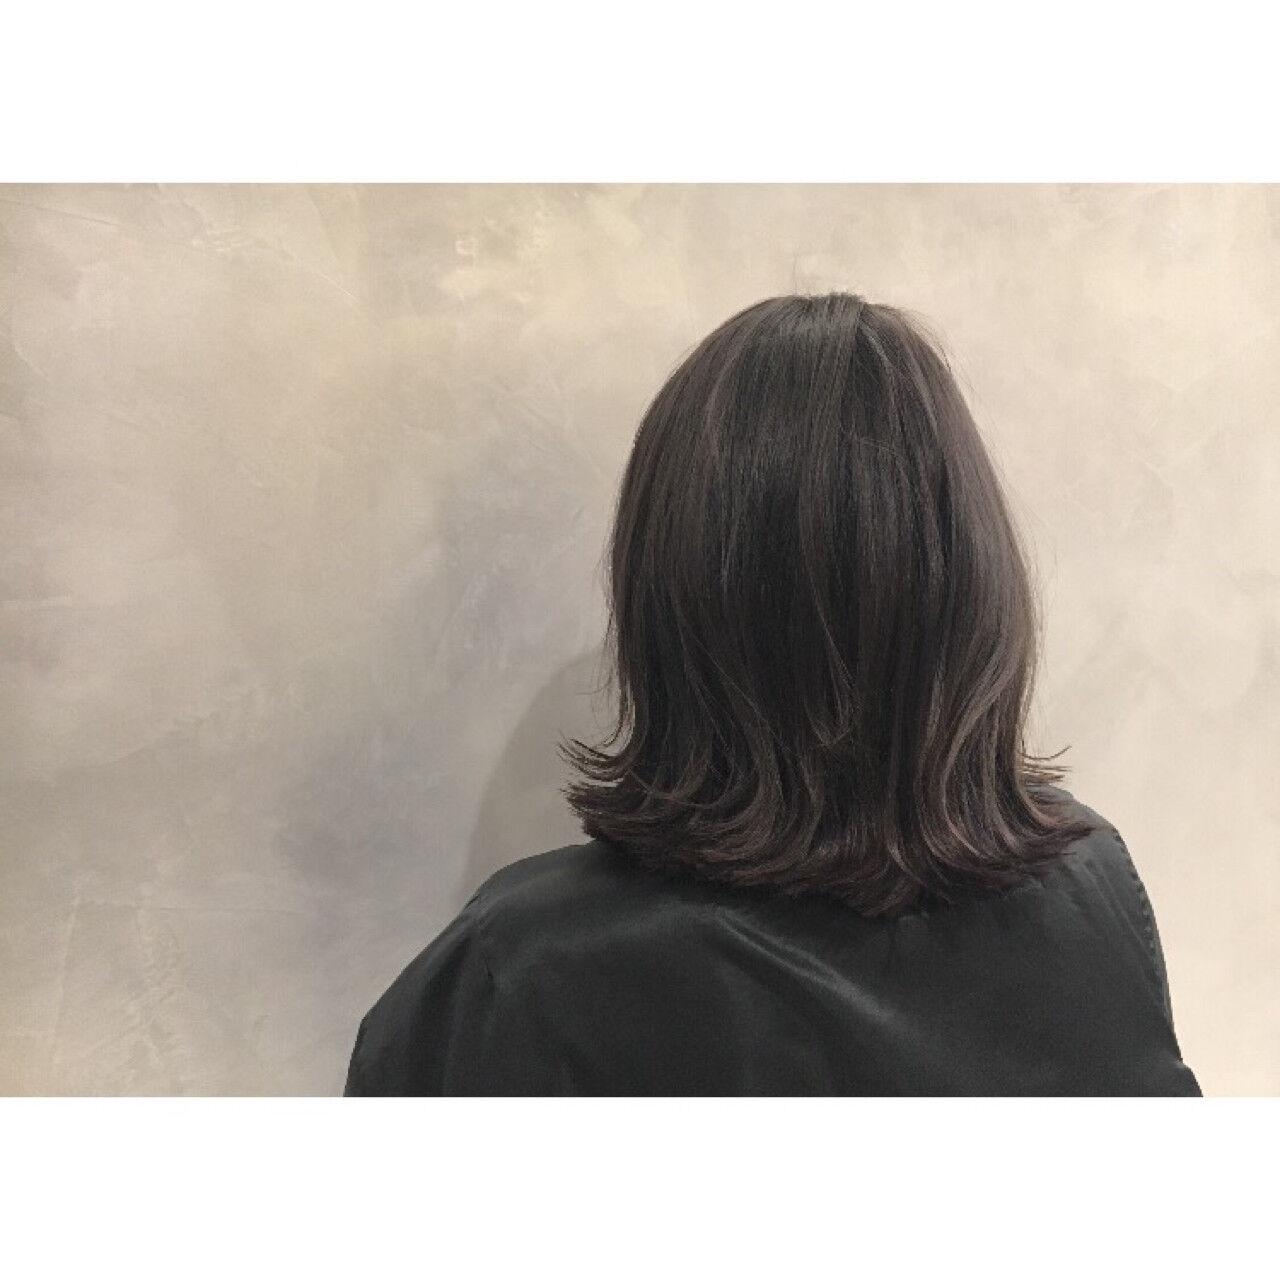 アッシュ ハイライト 暗髪 ストリートヘアスタイルや髪型の写真・画像